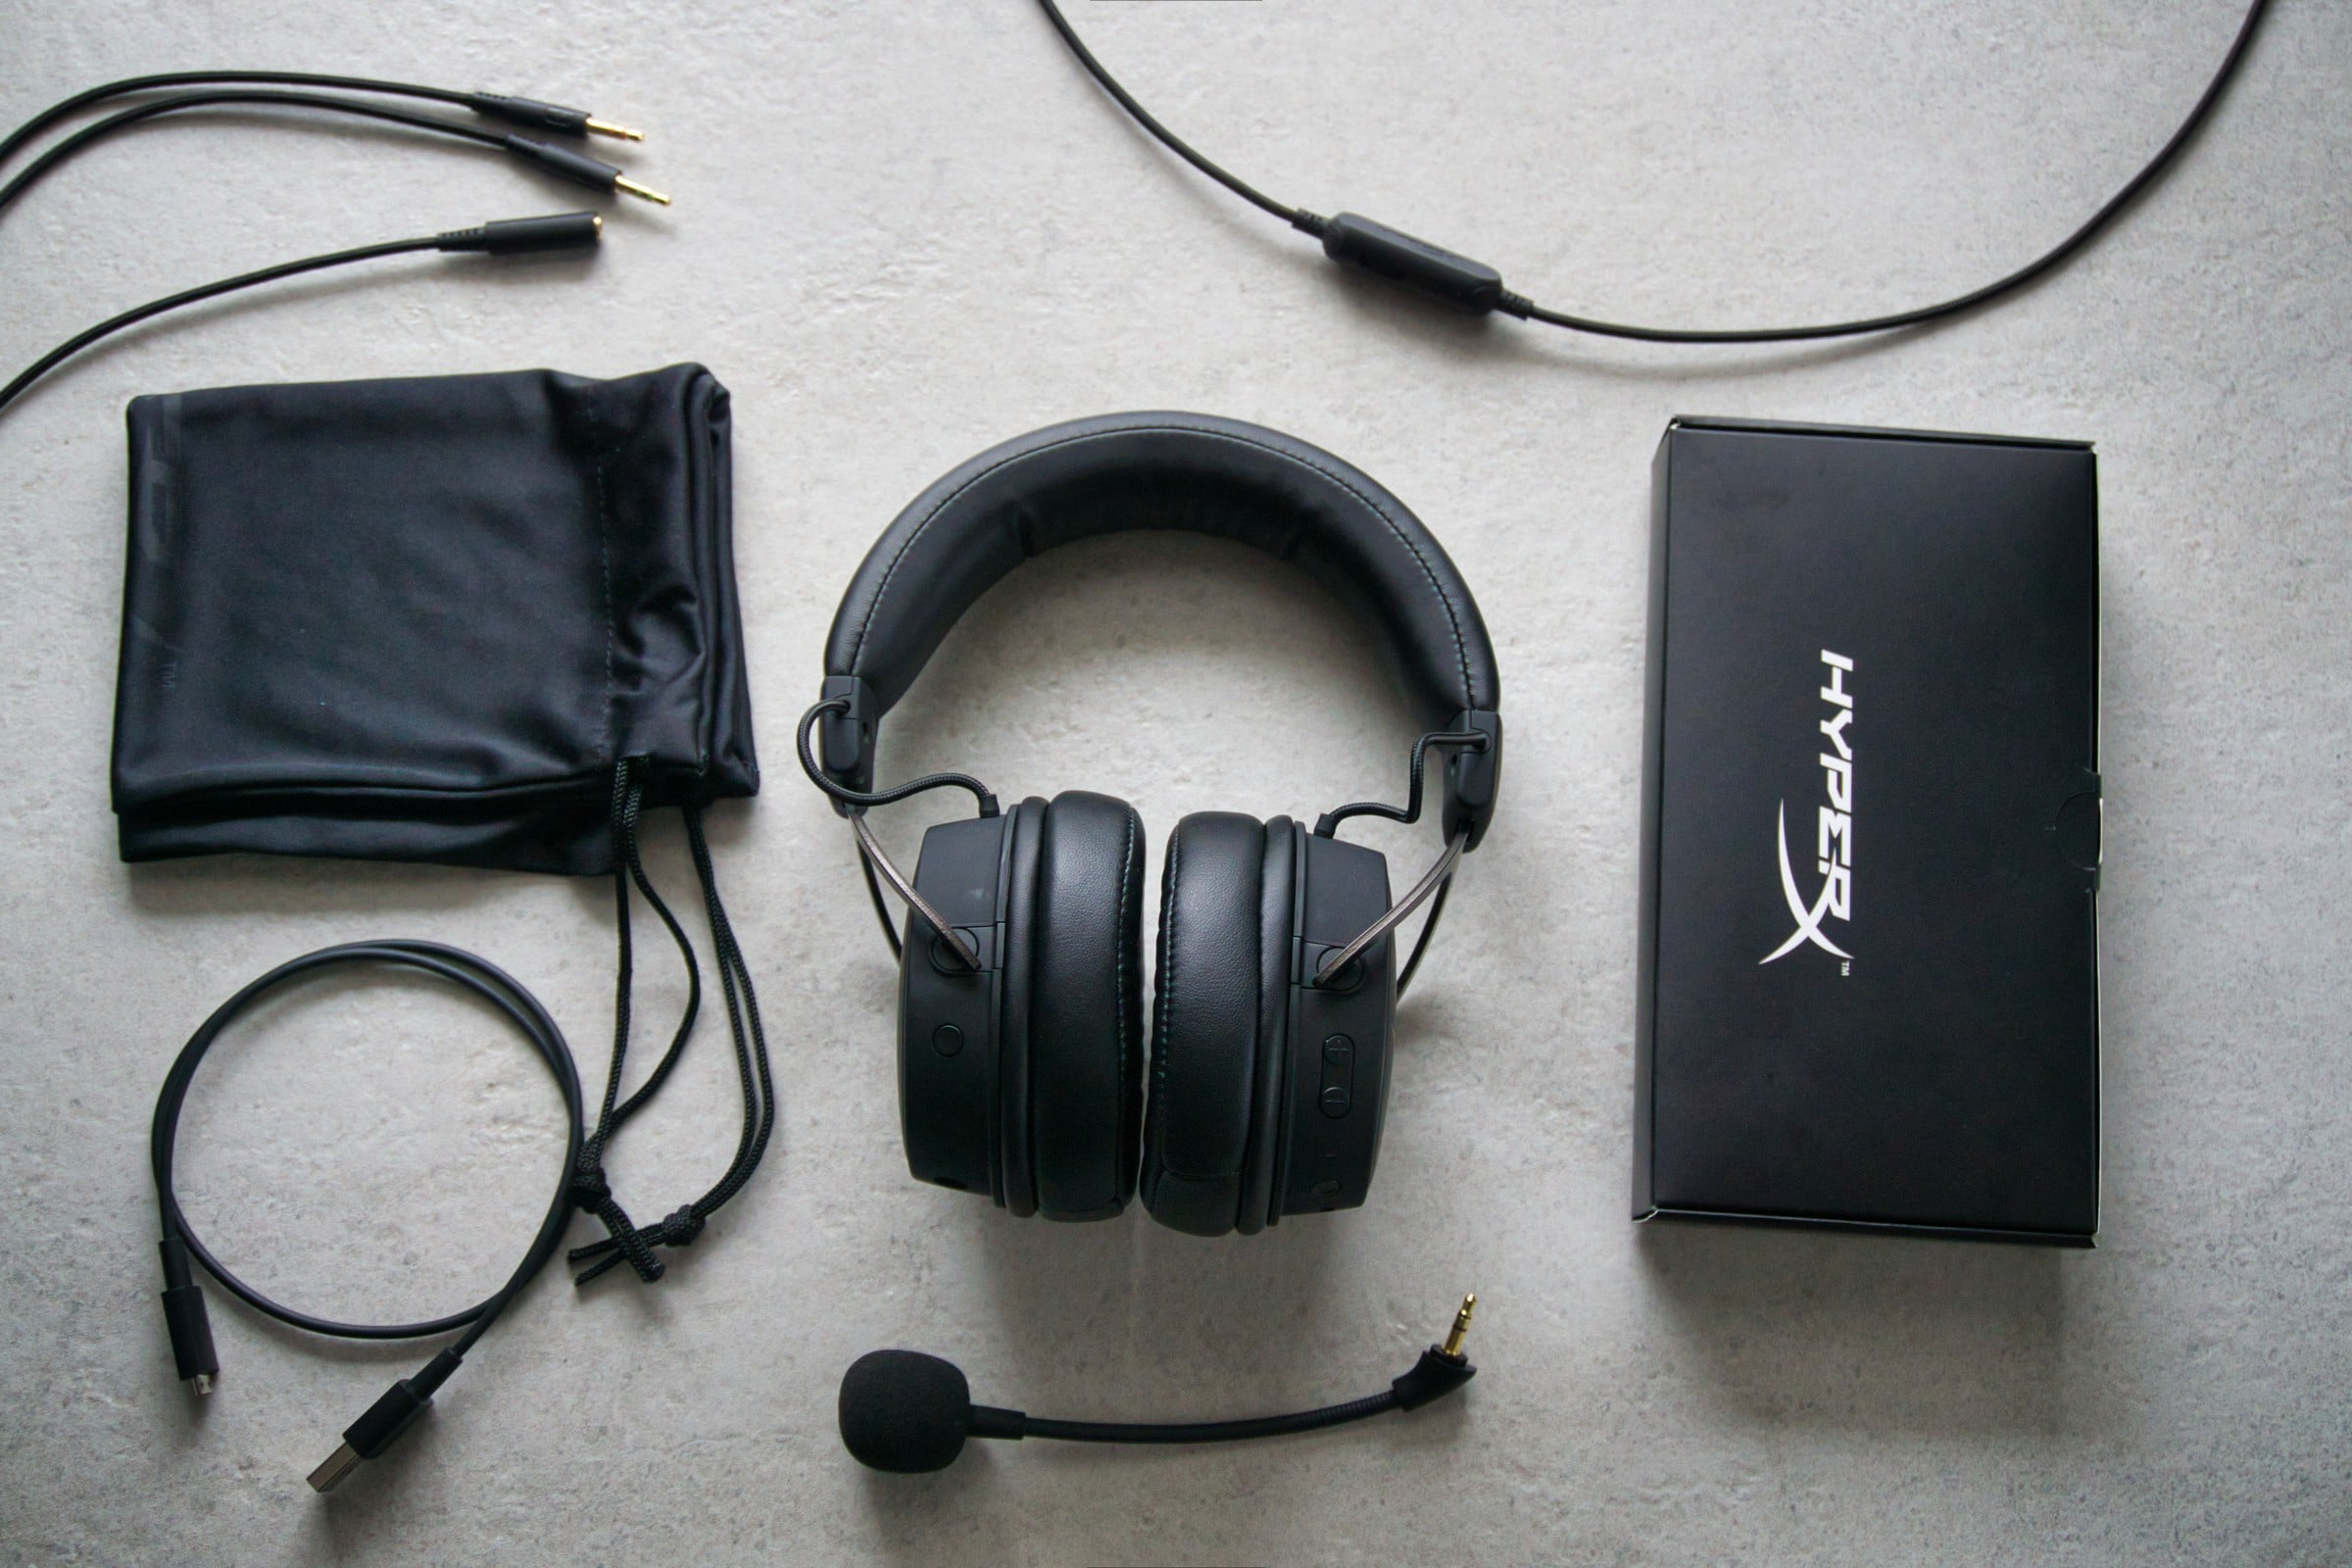 HyperX Cloud MIX - legendarne gamingowe słuchawki w bezprzewodowym stylu (recenzja) 23